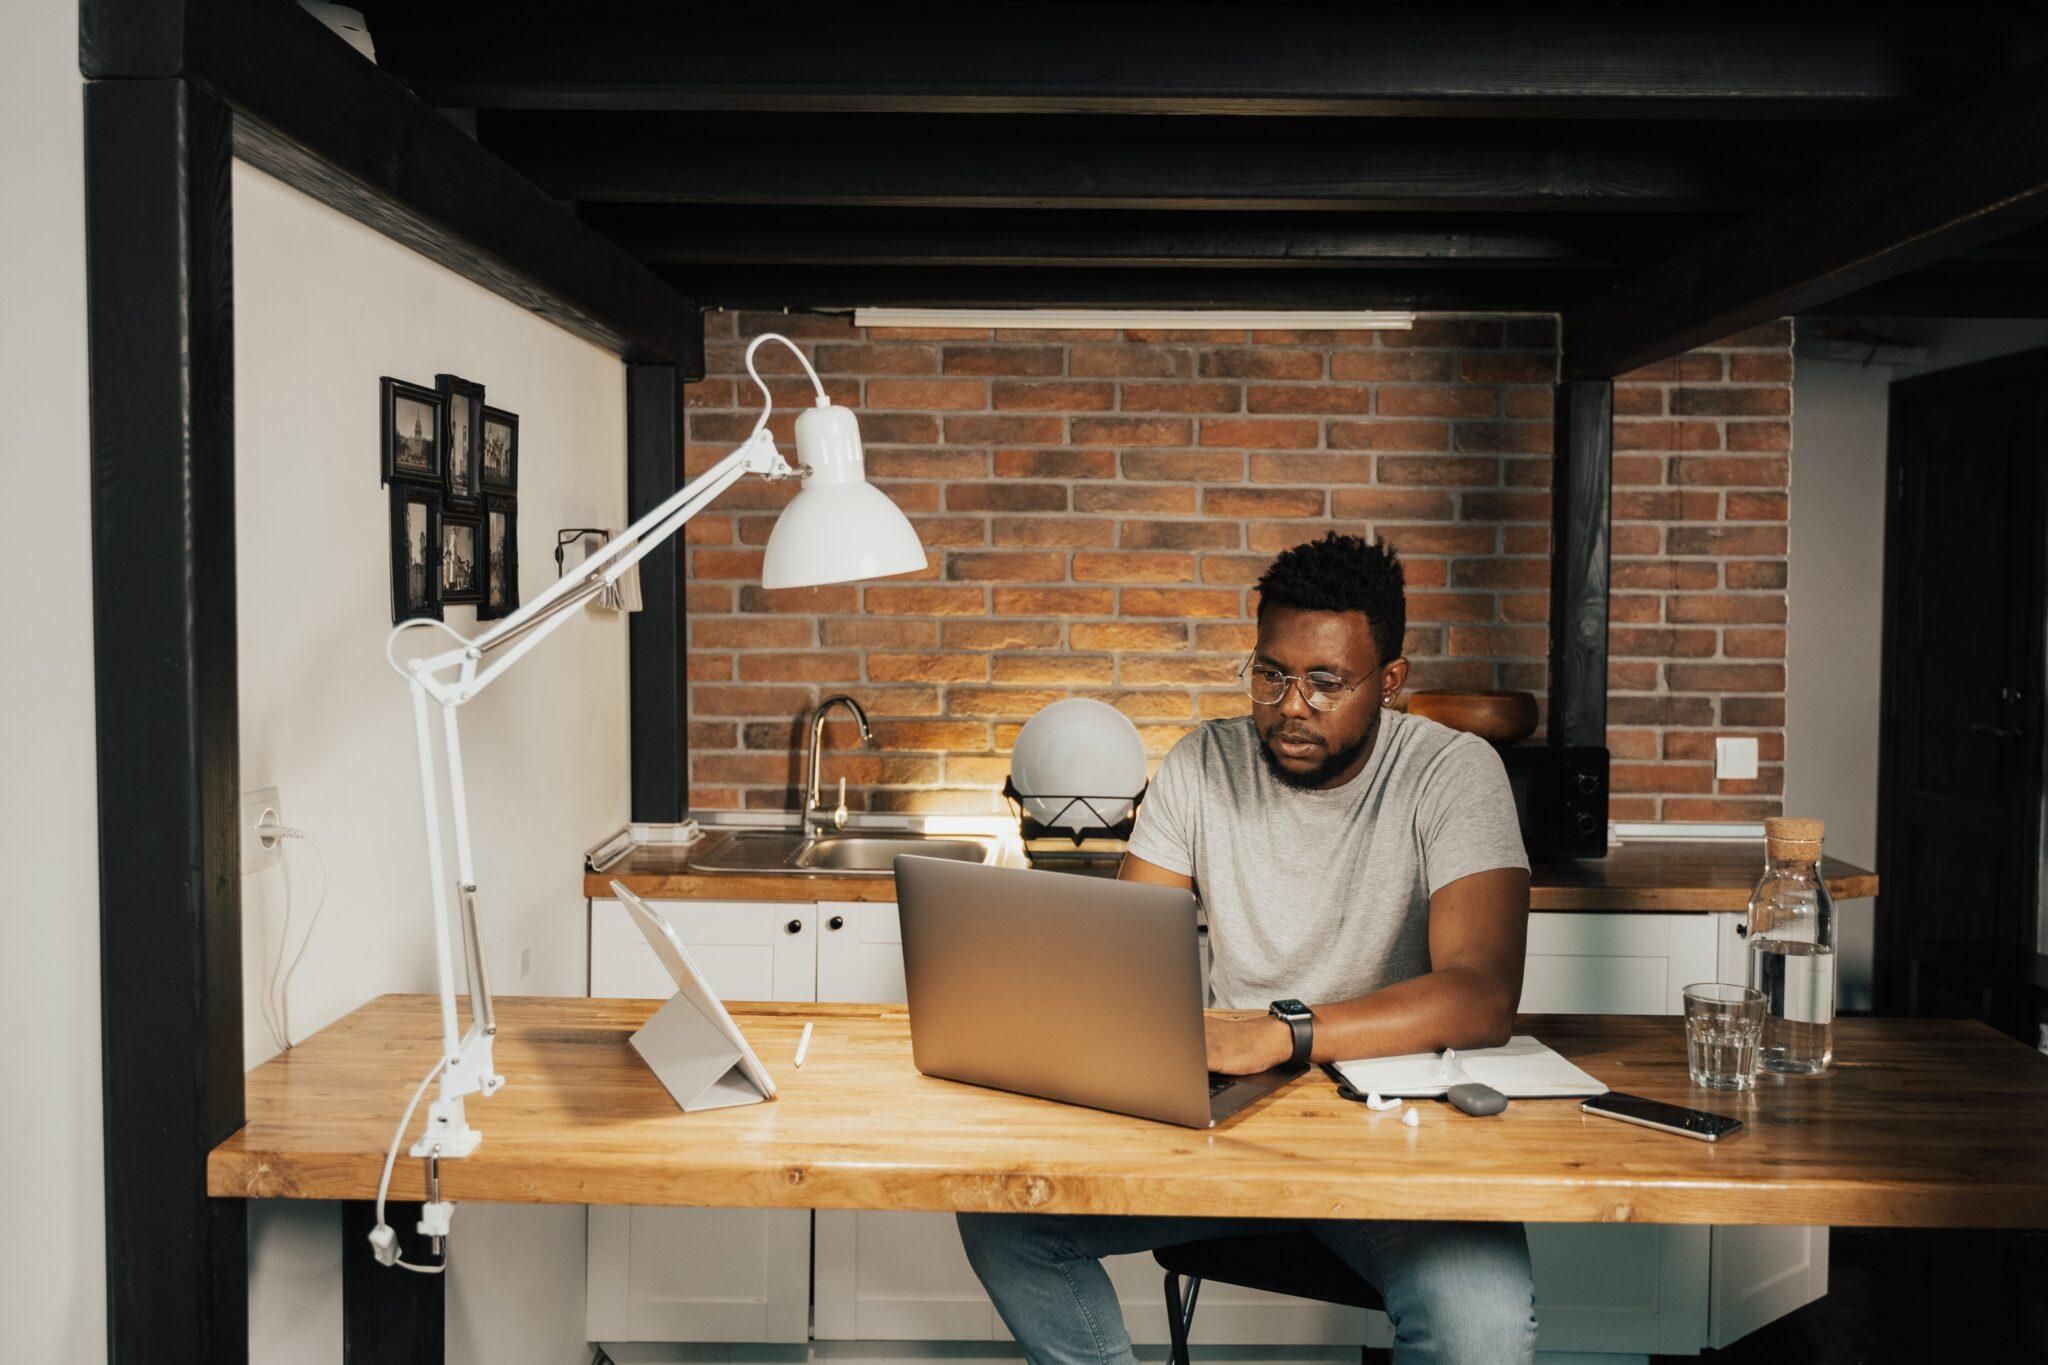 Thuiswerken verhoogt productiviteit, Nederland middenmoter